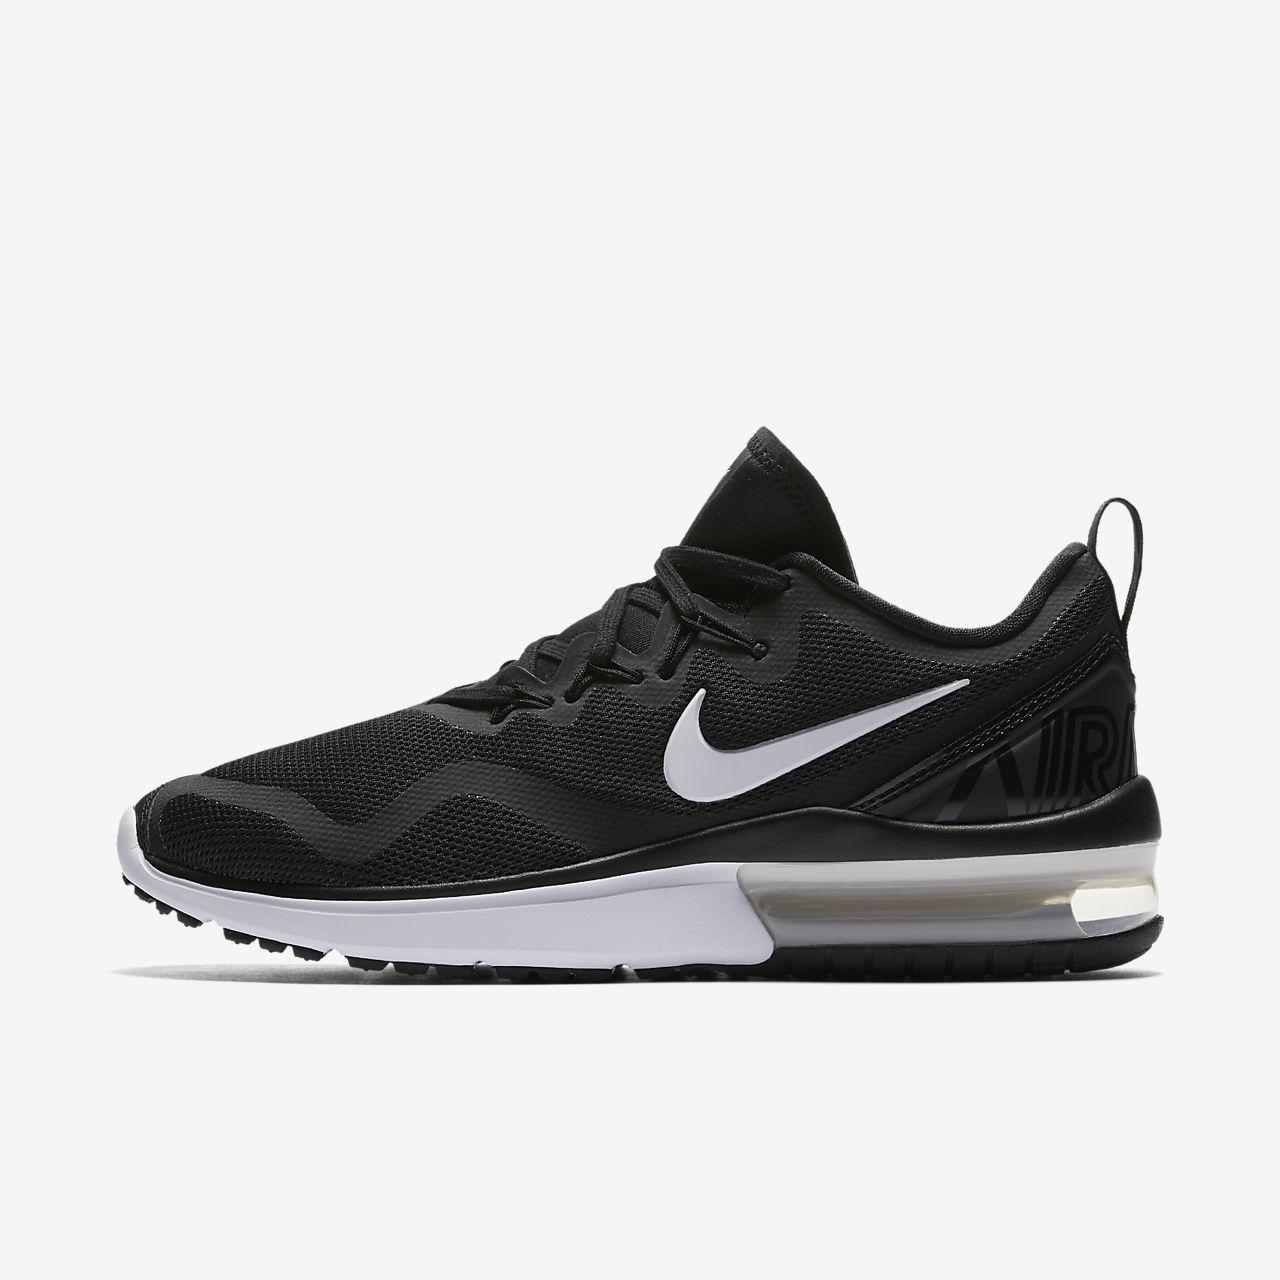 Sko Nike Air Max Fury för kvinnor